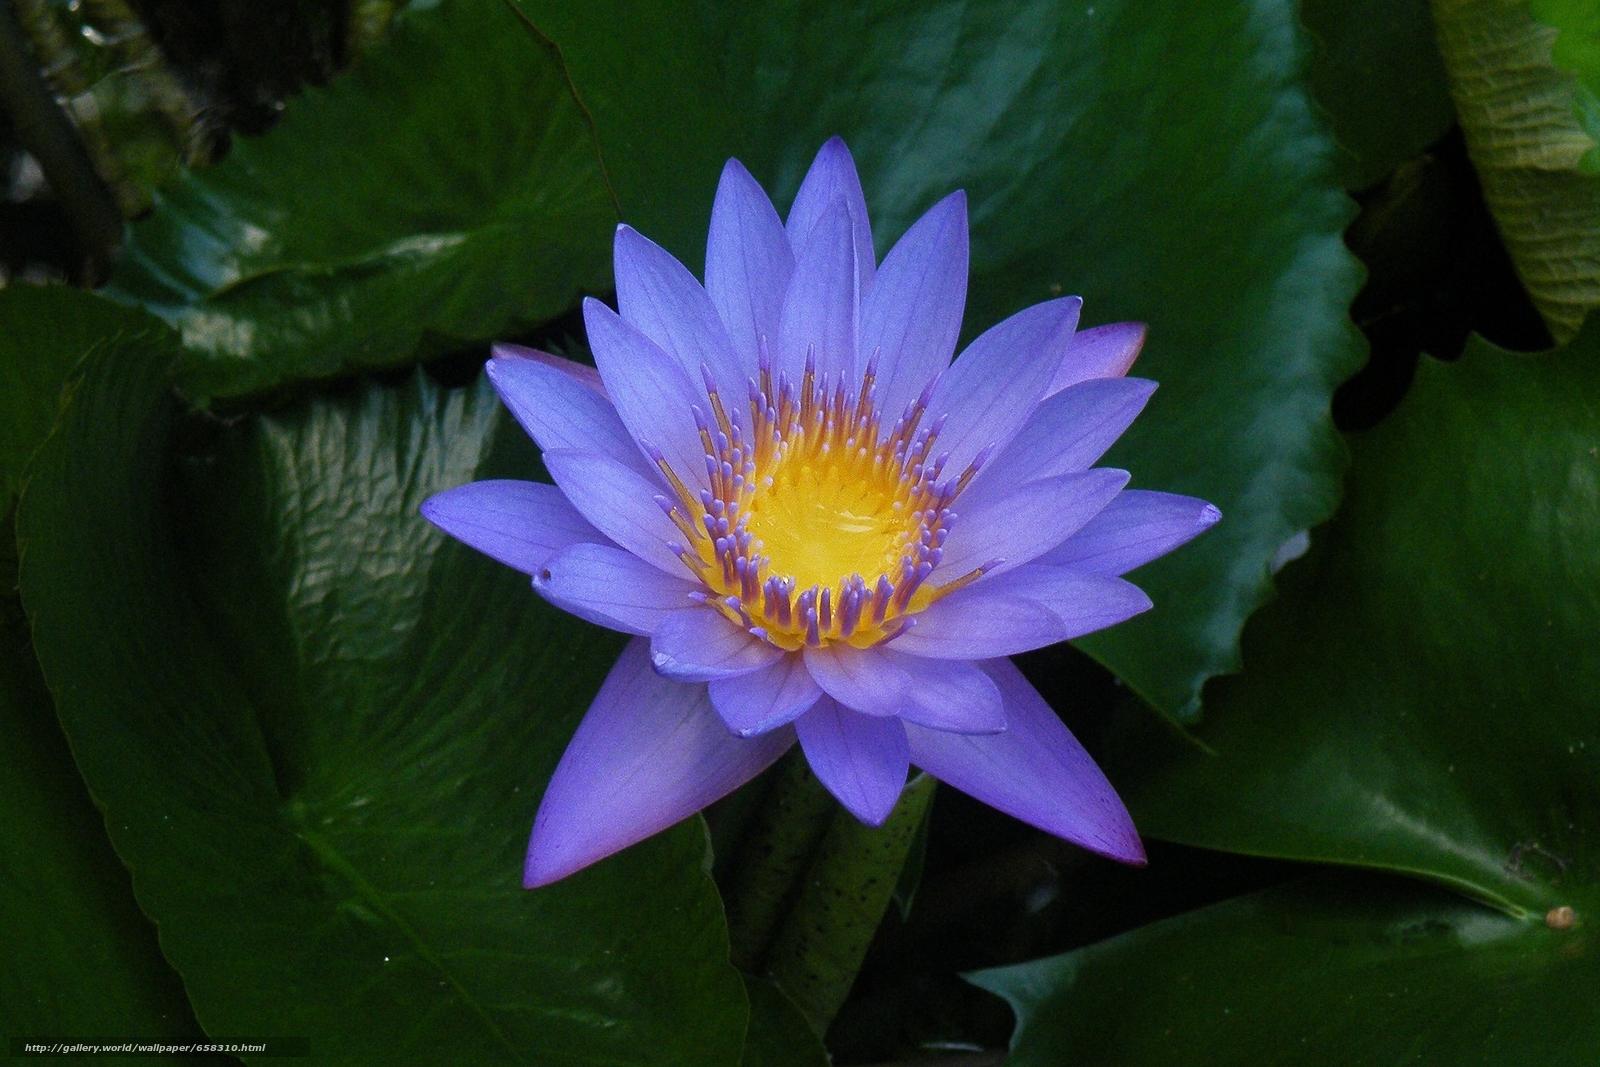 Скачать обои водяная лилия,  водяные лилии,  цветы,  флора бесплатно для рабочего стола в разрешении 2895x1930 — картинка №658310